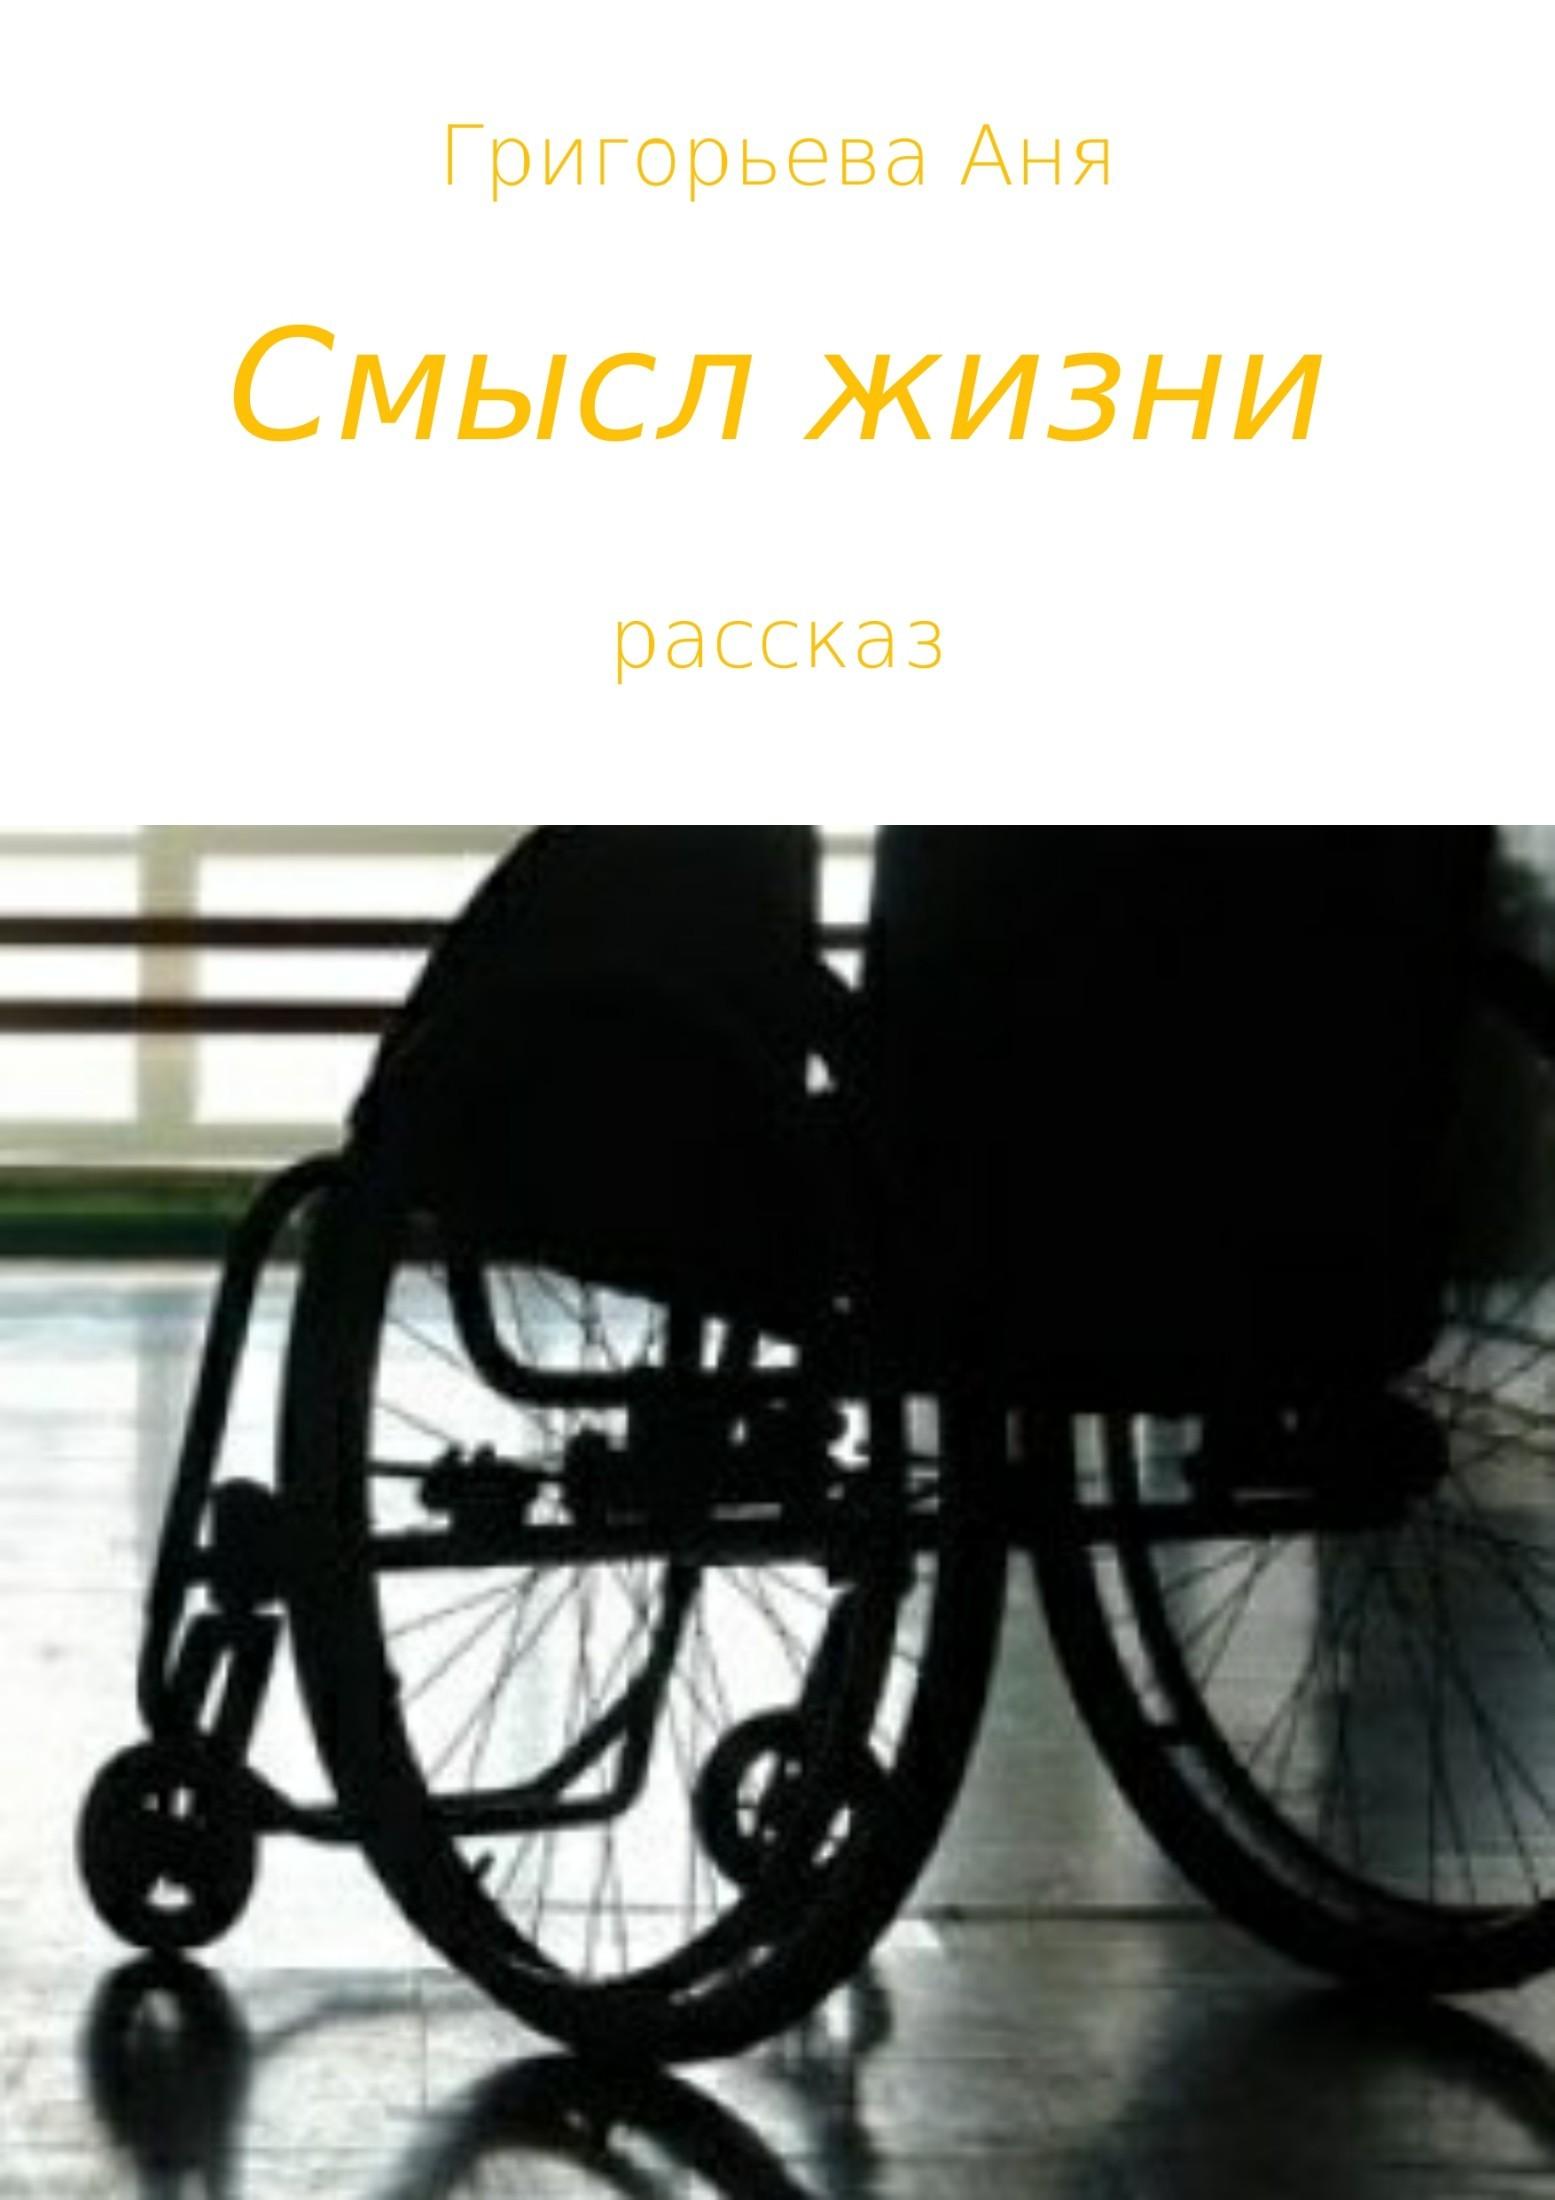 Аня Григорьева Смысл жизни